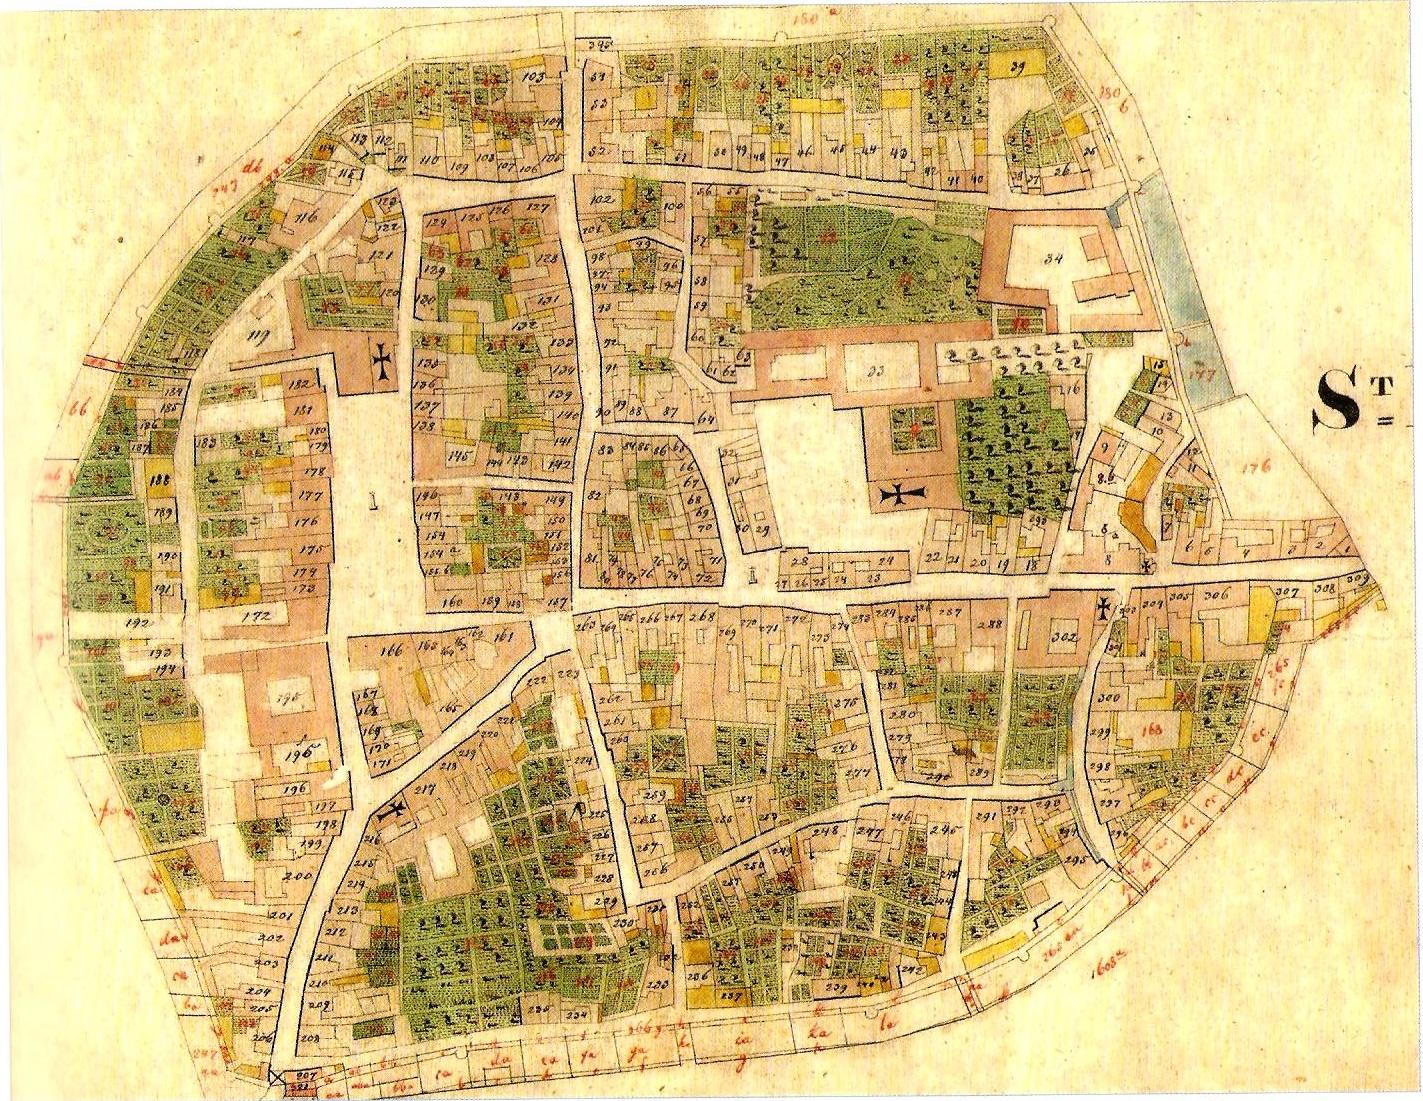 st. pölten landeshauptstadt kennenlernen Hofheim am Taunus